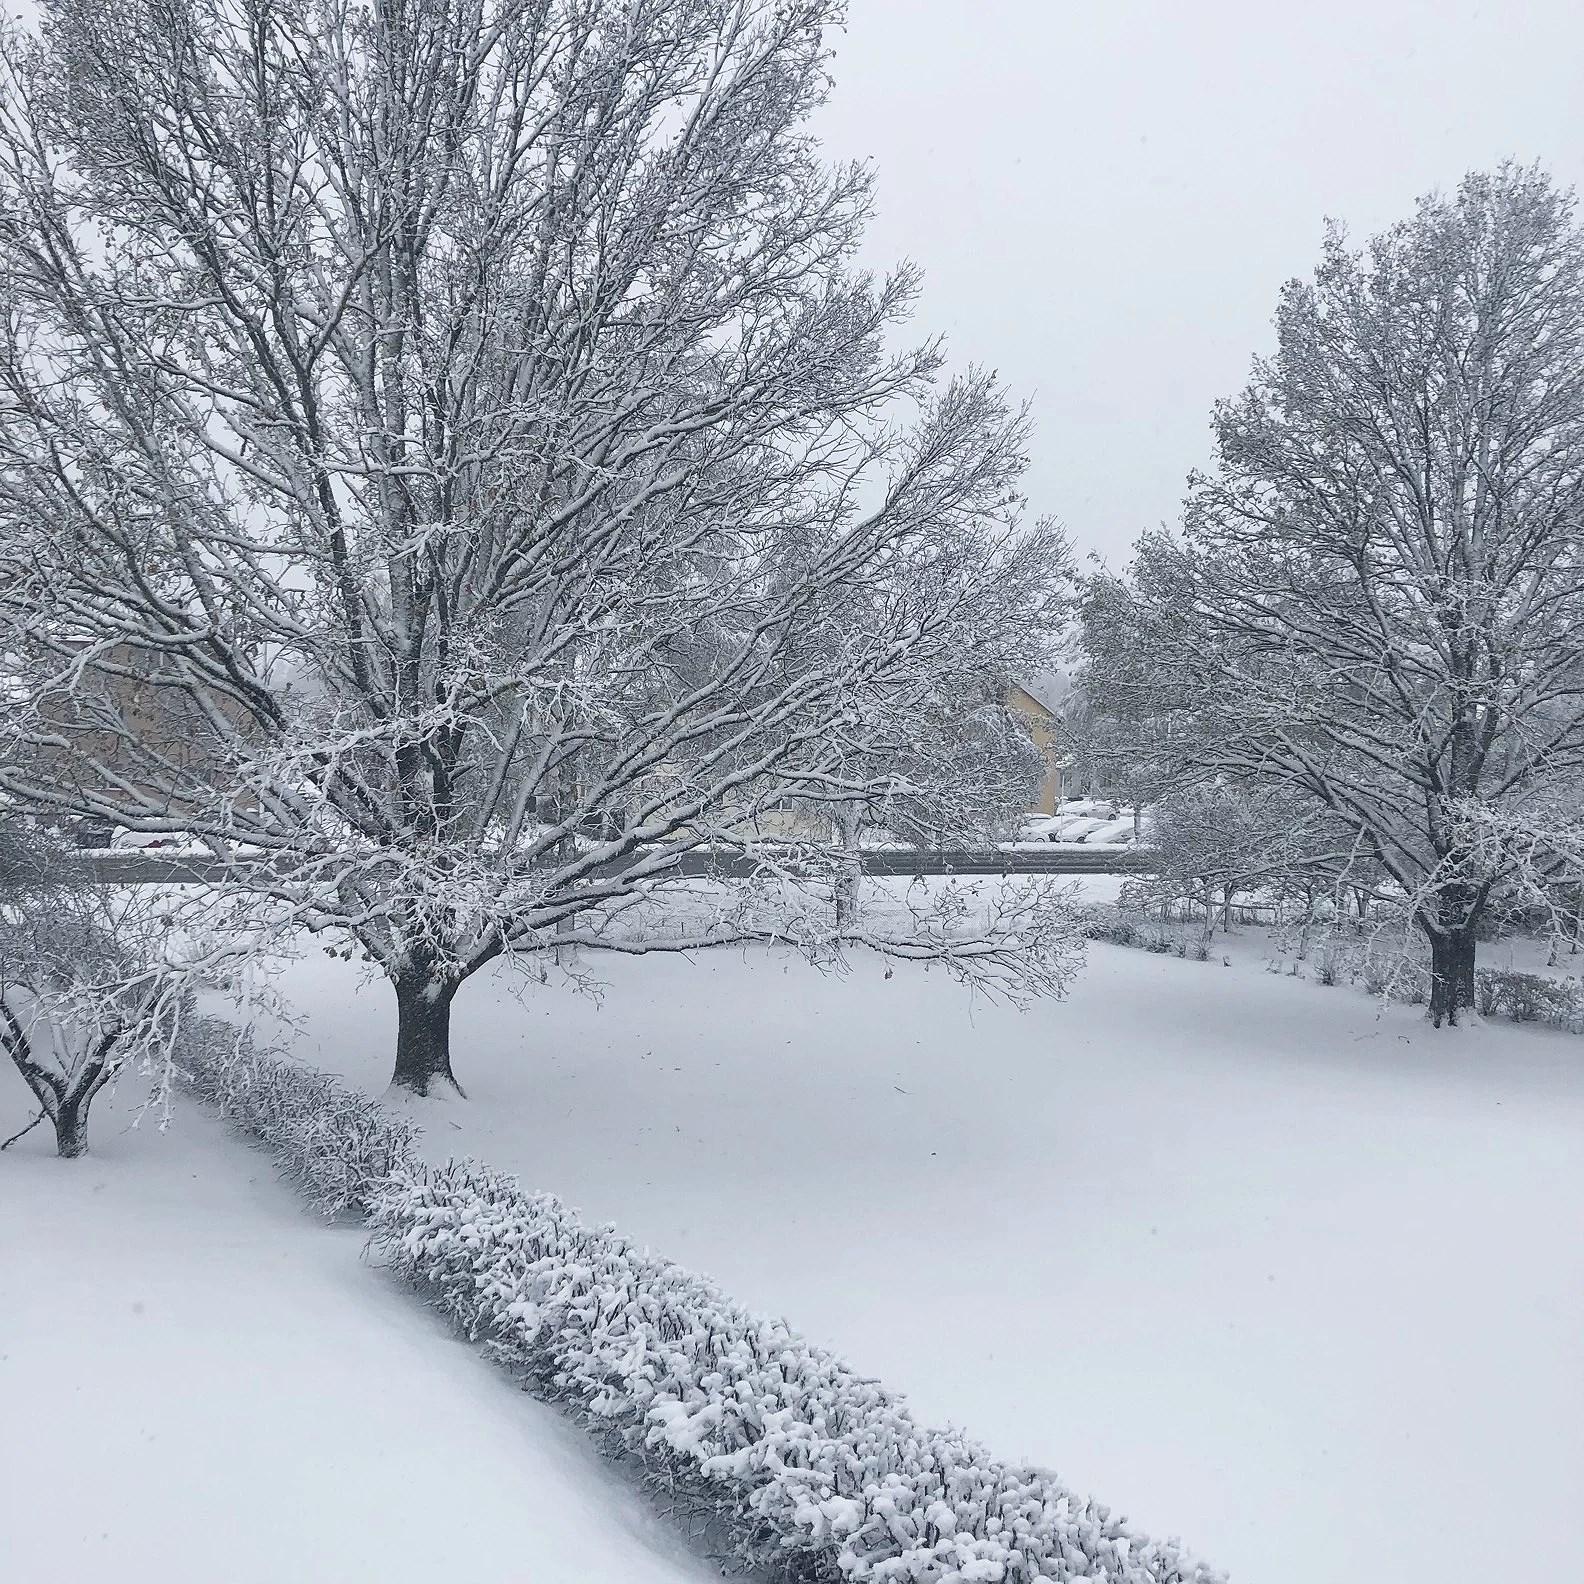 Jag ser det snöa